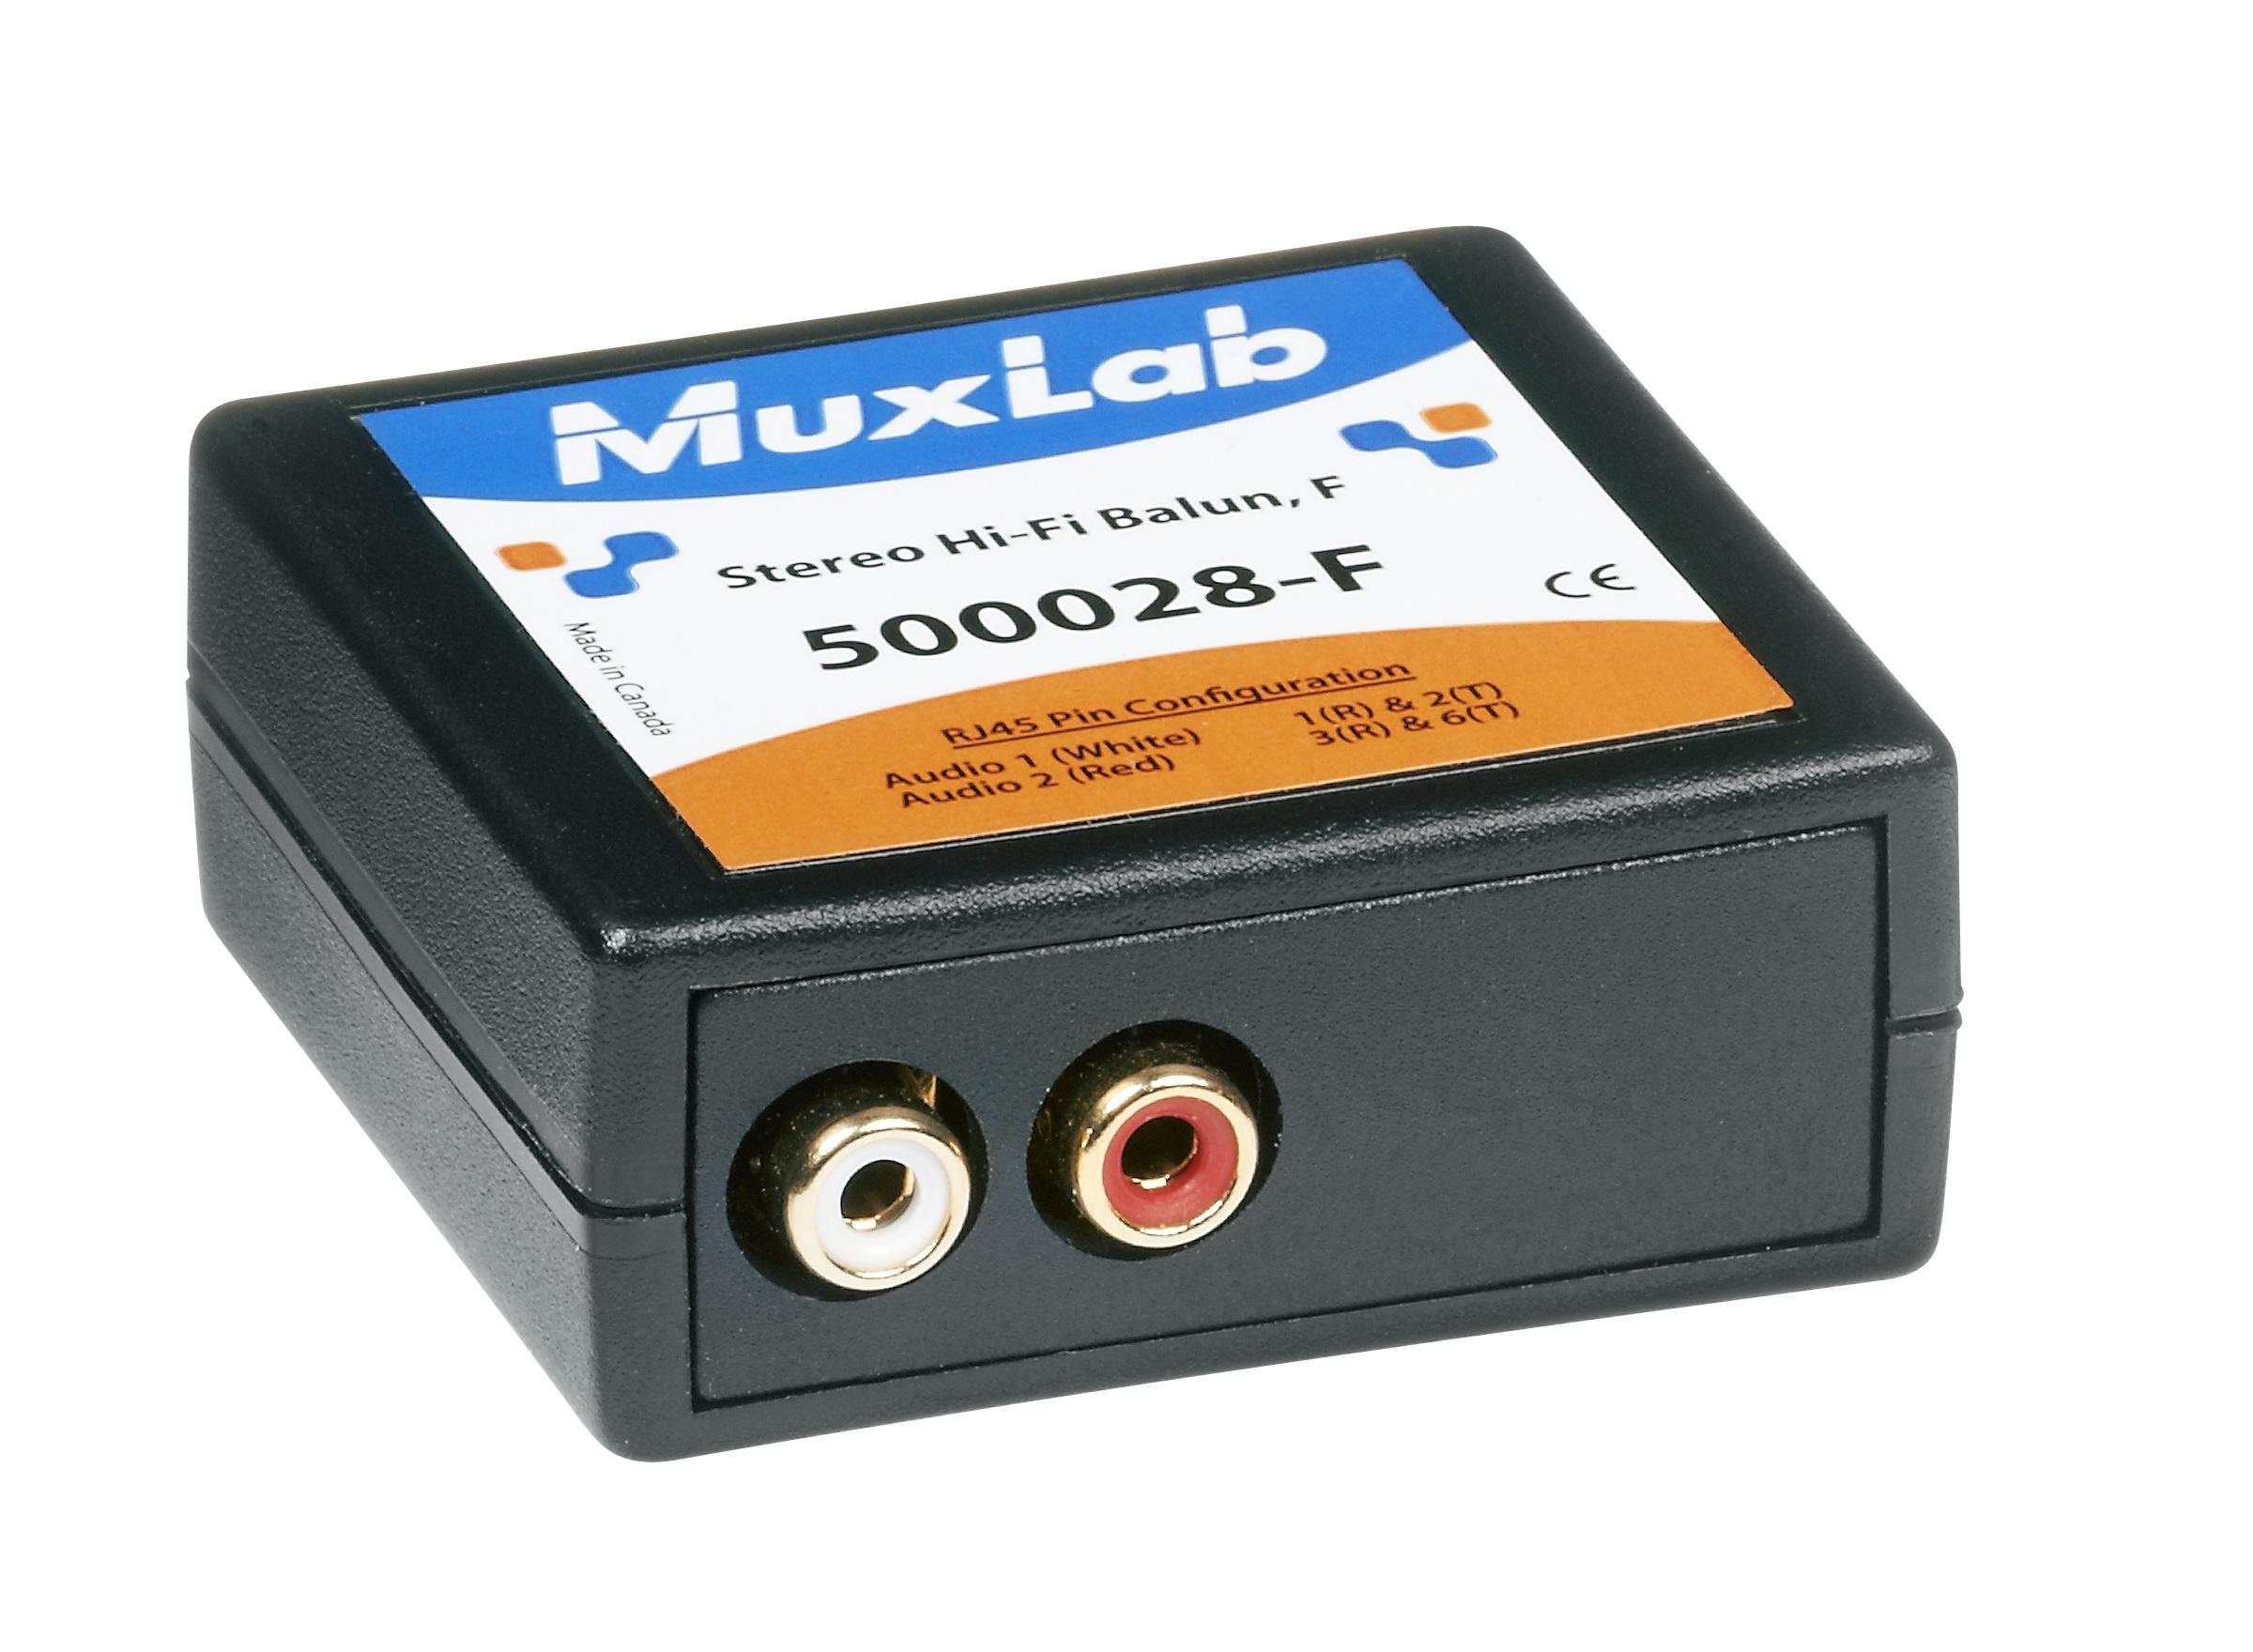 Muxlab 500028-F